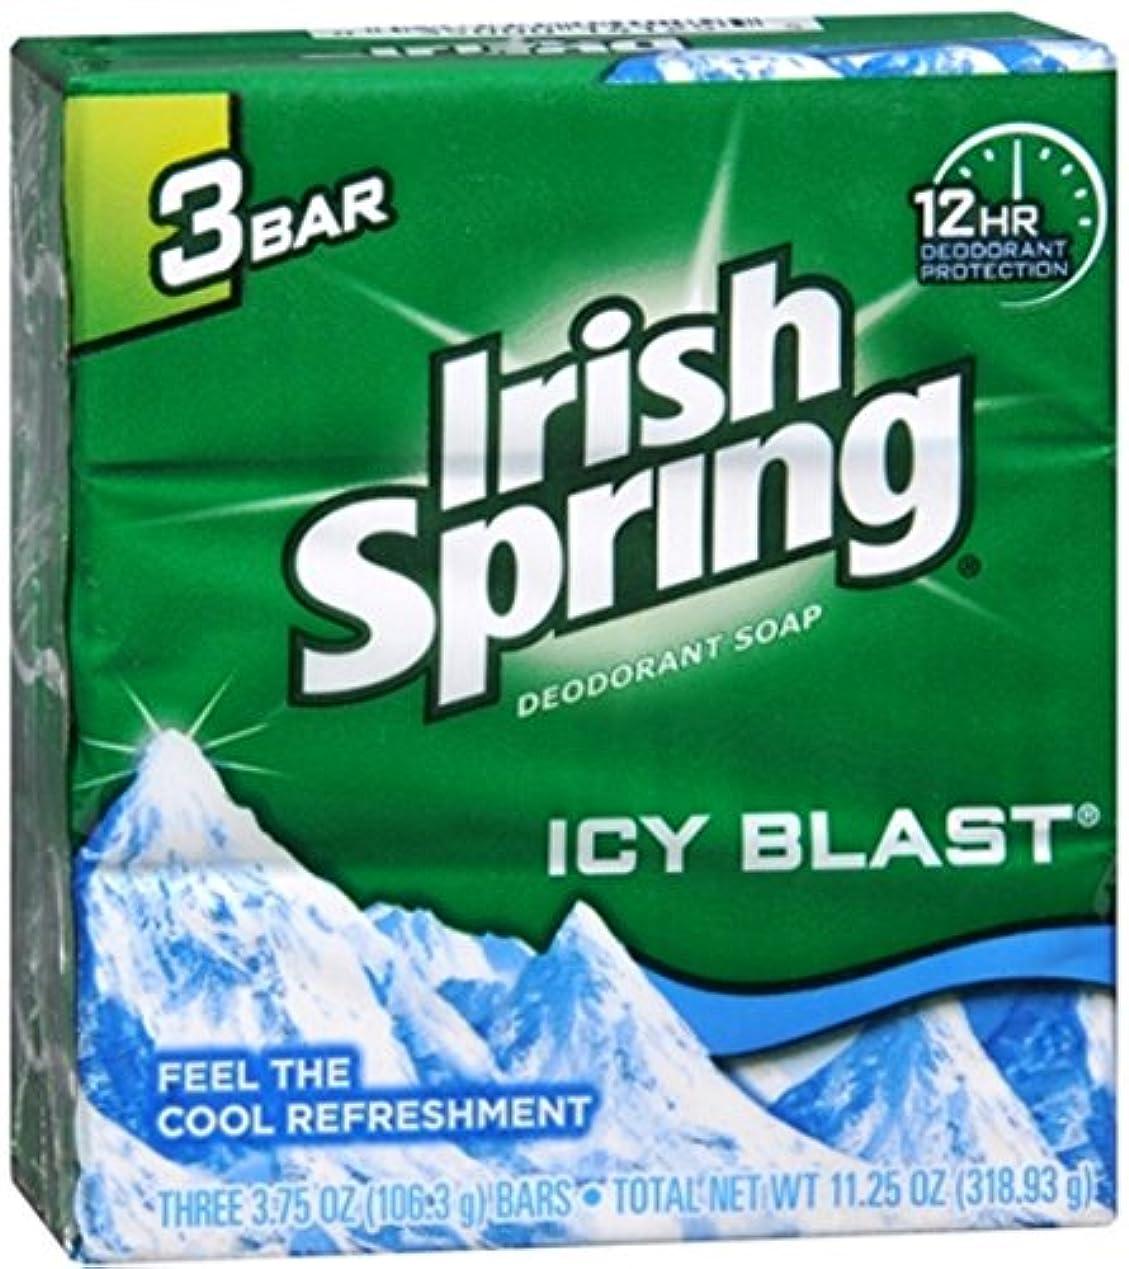 けがをするロードブロッキング一元化する【Irish Spring】アイリッシュスプリング?デオドラント石鹸113g×3個パック 【アイシーブラスト】